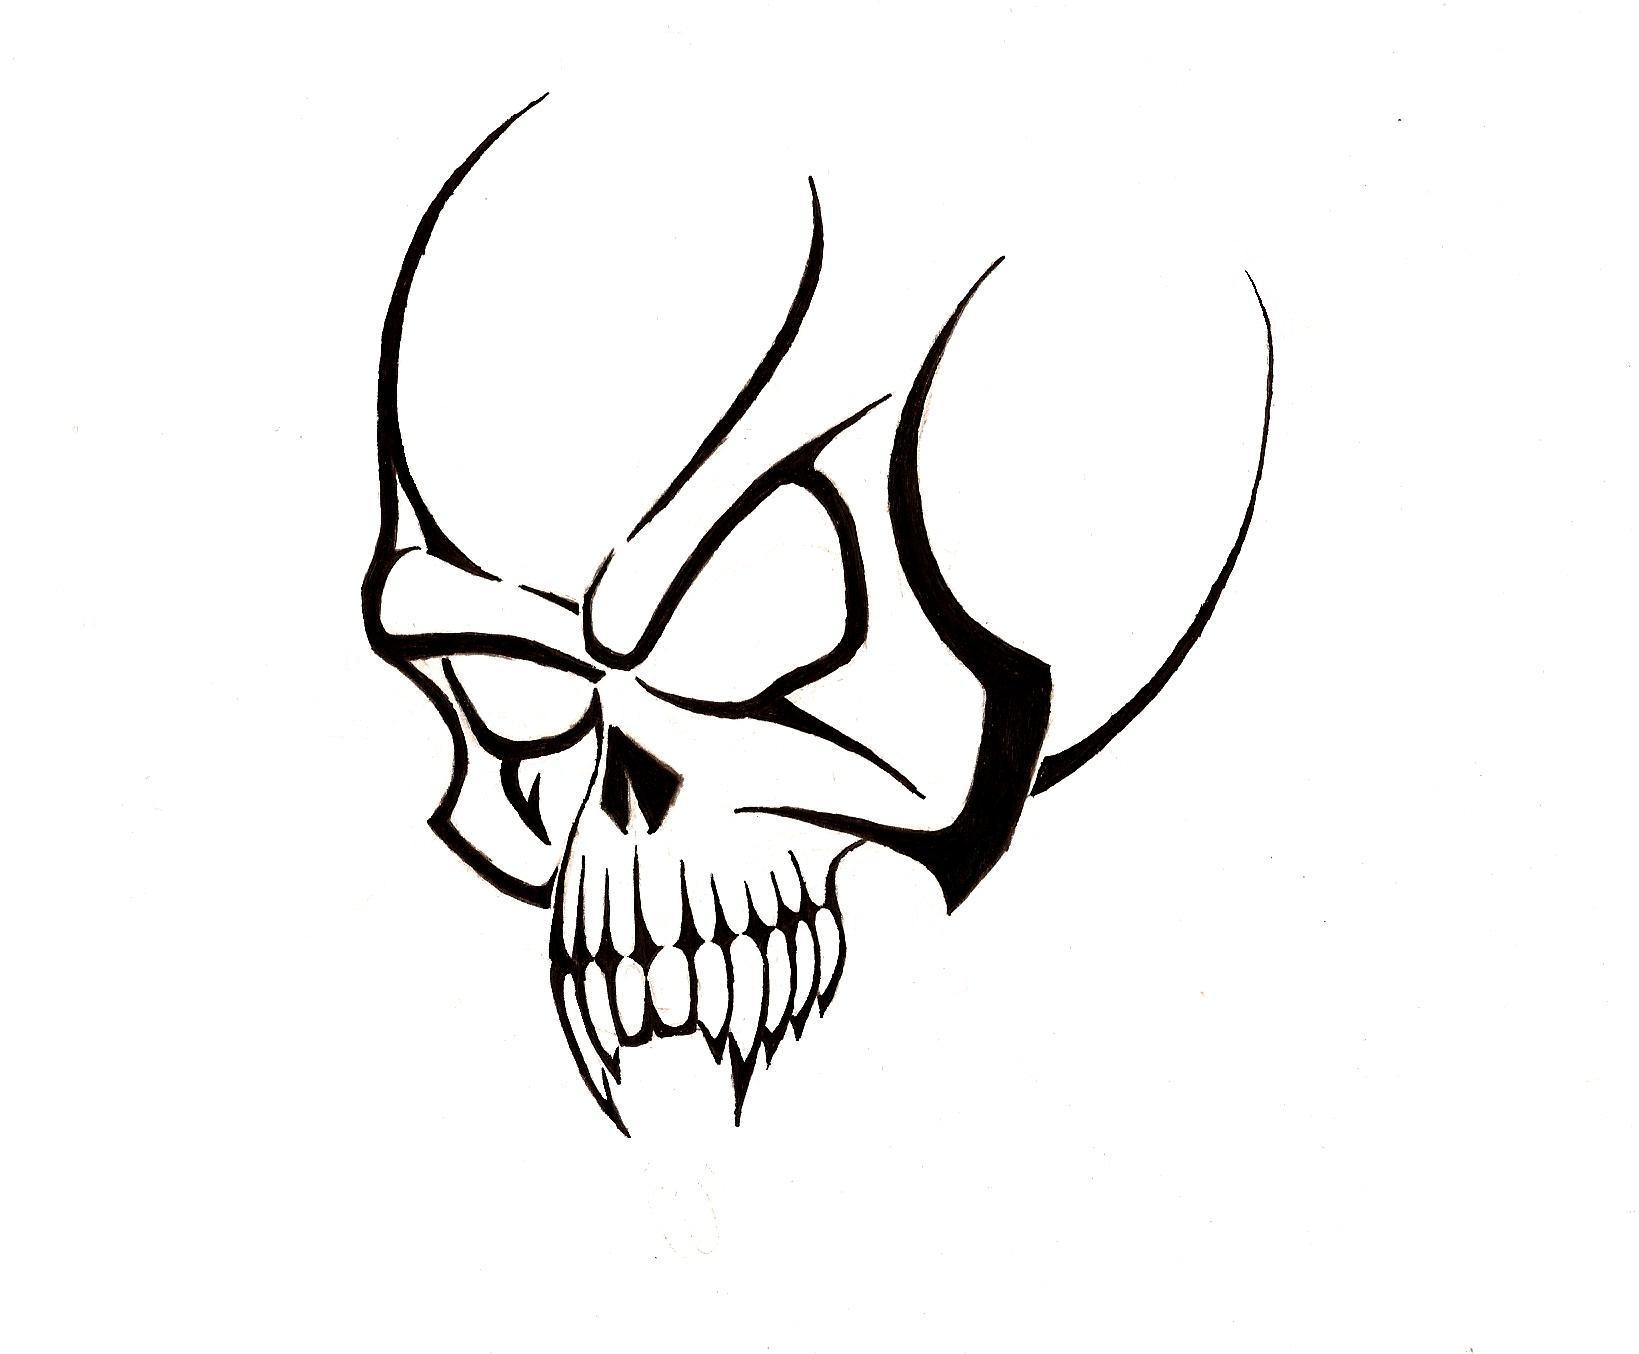 1639x1354 La Ink Tattoos Lion Tattoo Tribal Skull